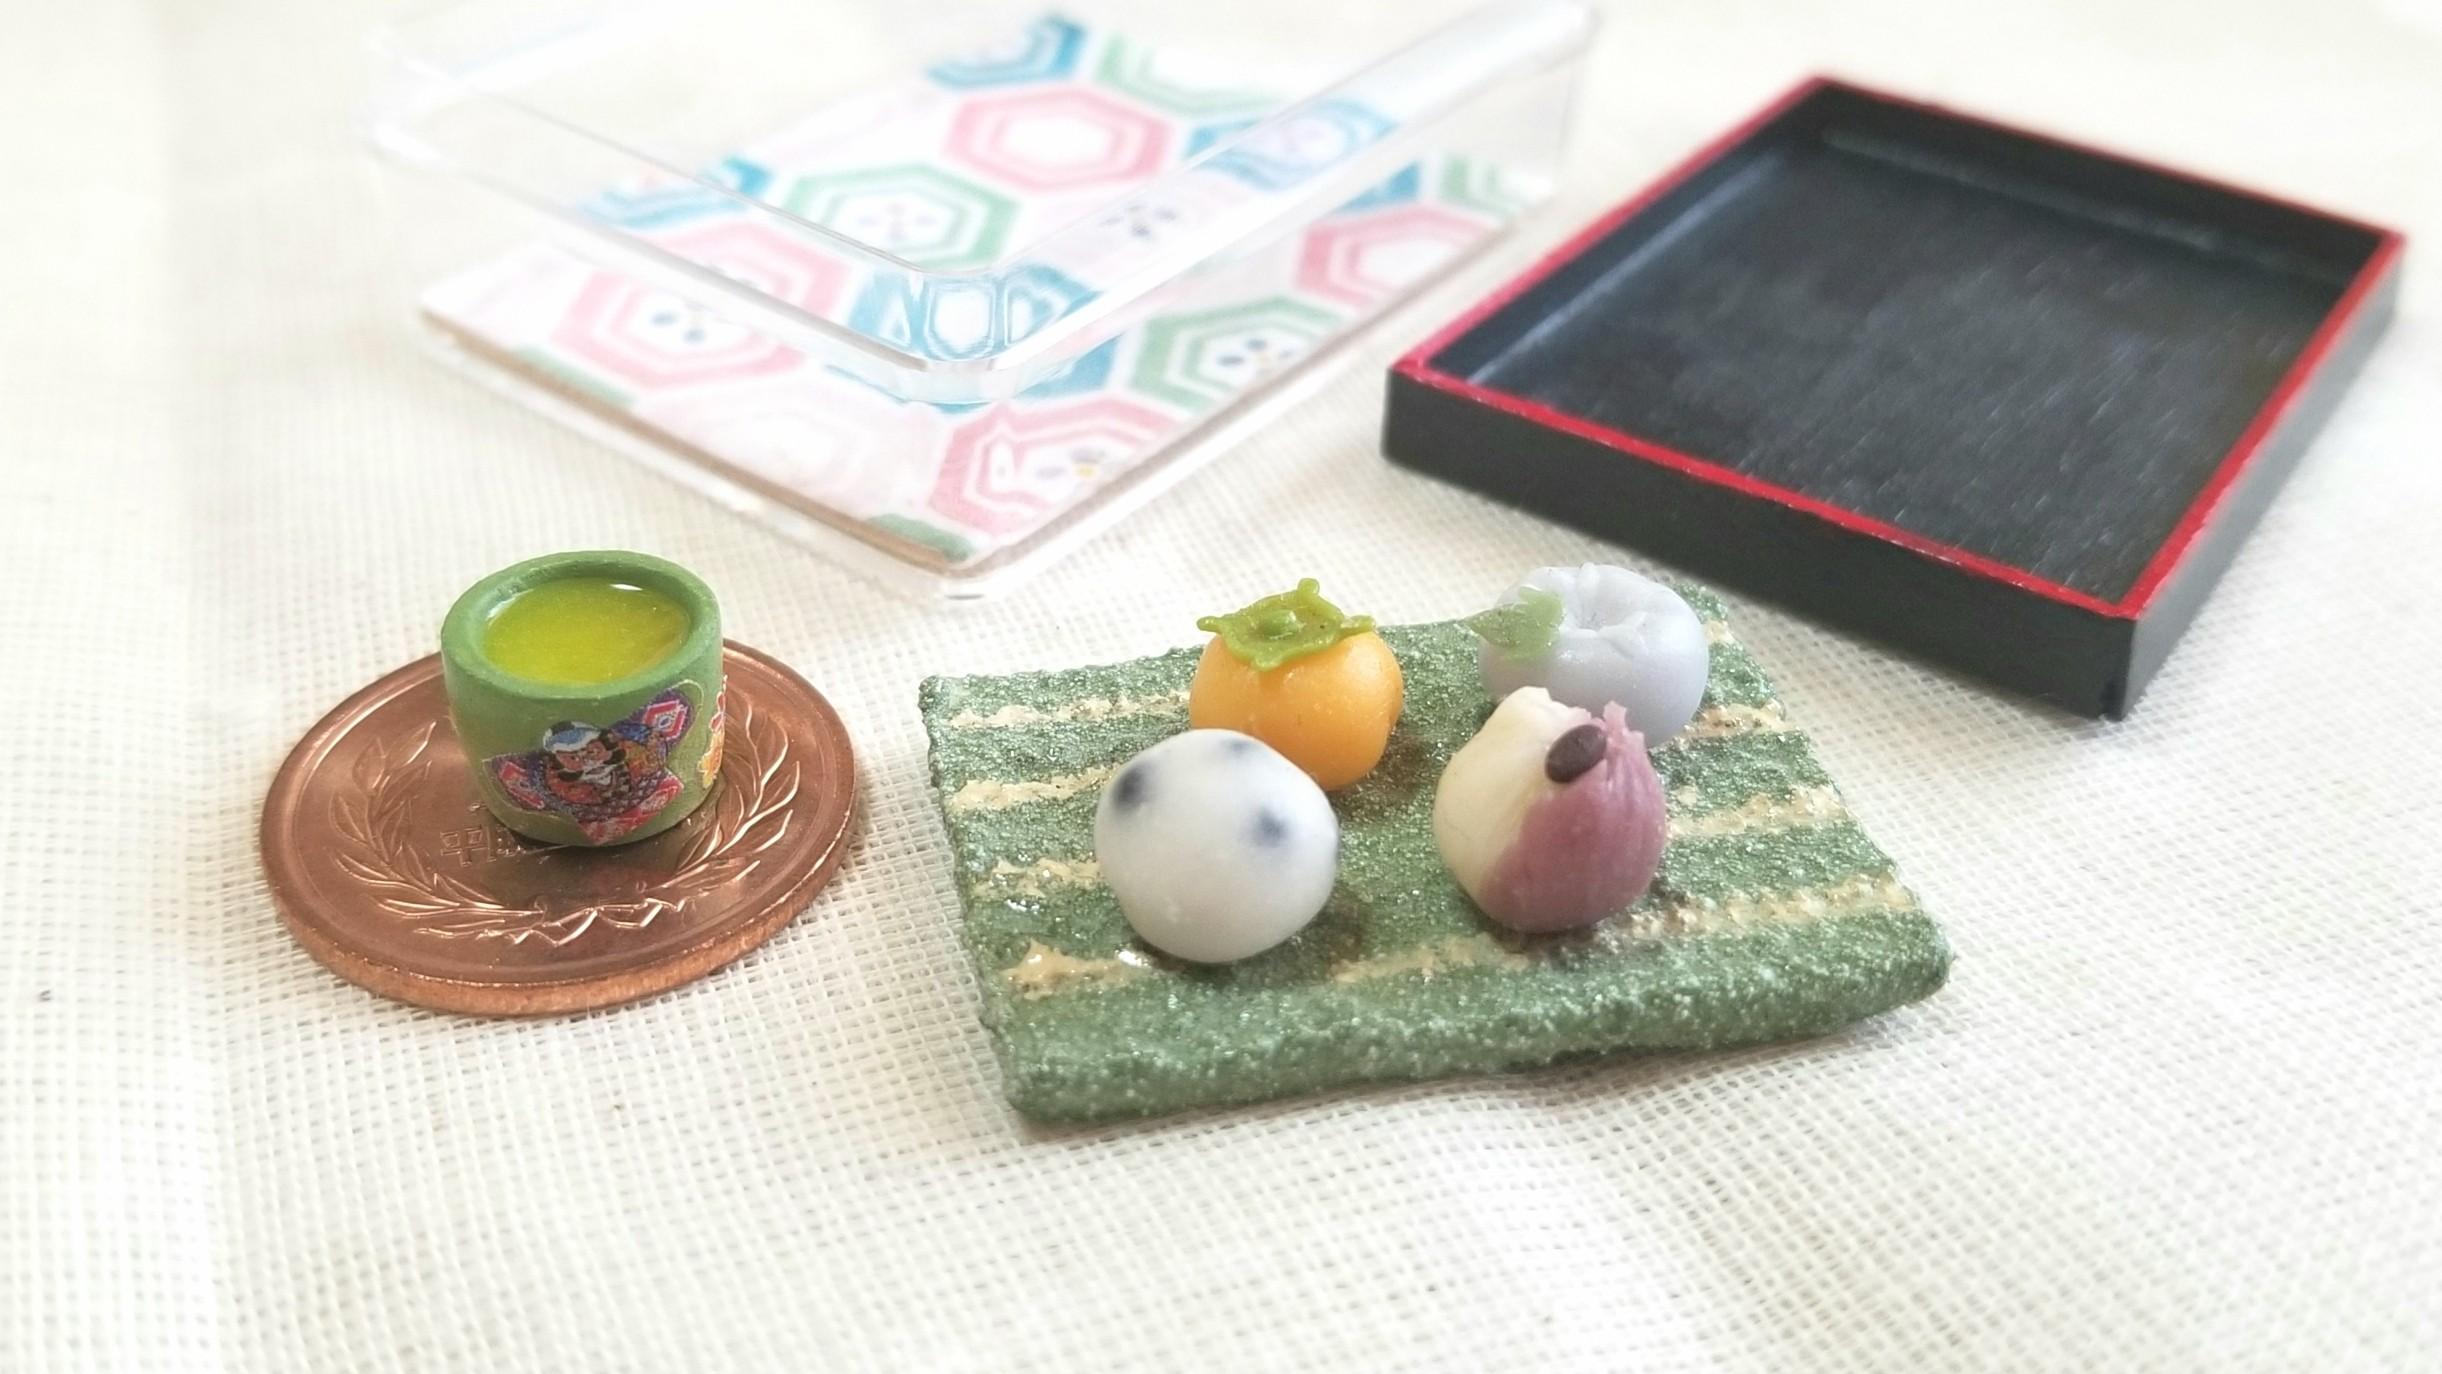 ミニチュアフード,人気の手作り和菓子,おいしい,おすすめ,ブログ